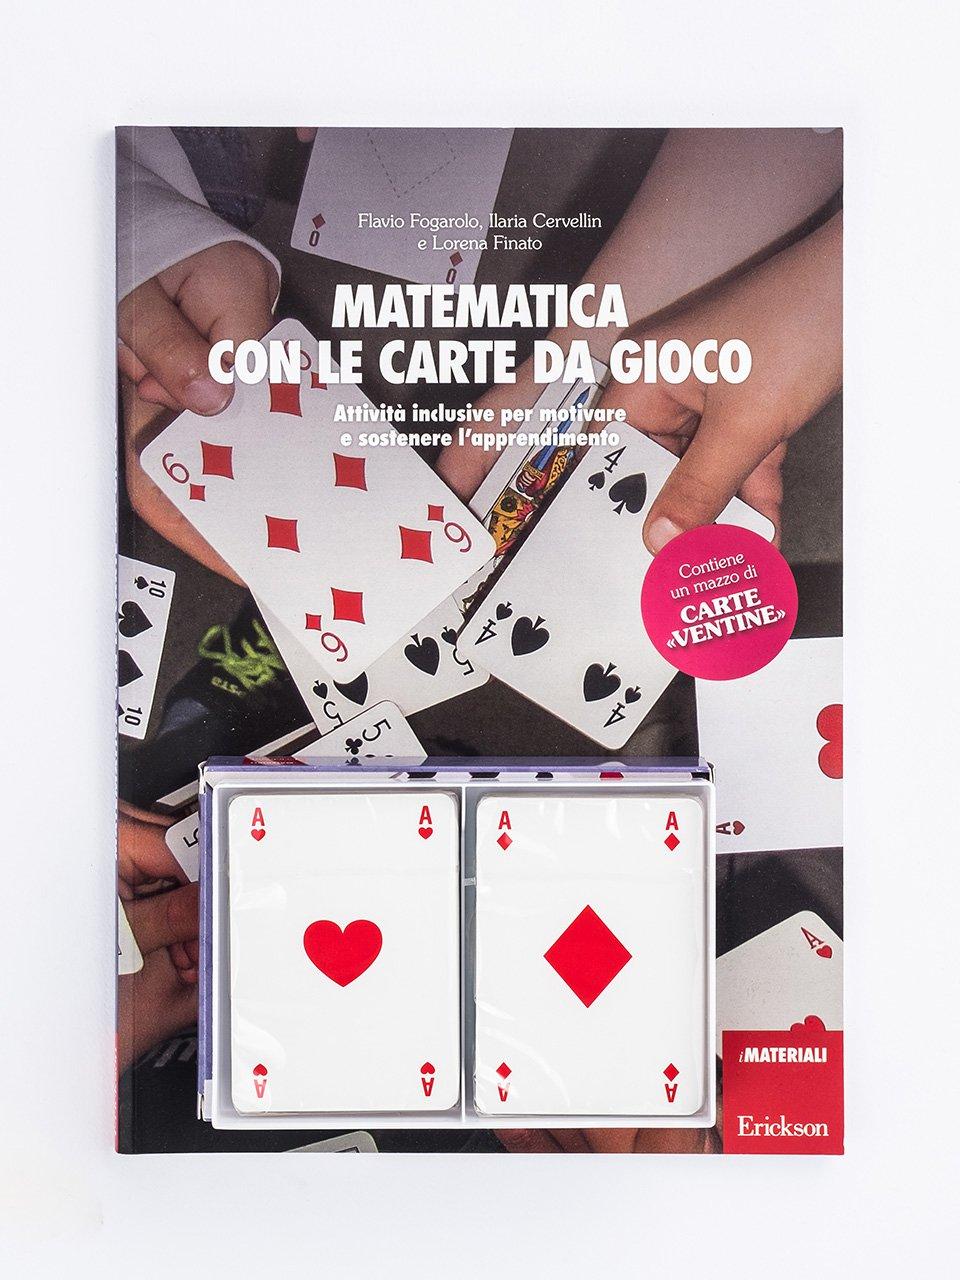 Matematica con le carte da gioco - Matematica attiva - Libri - Erickson